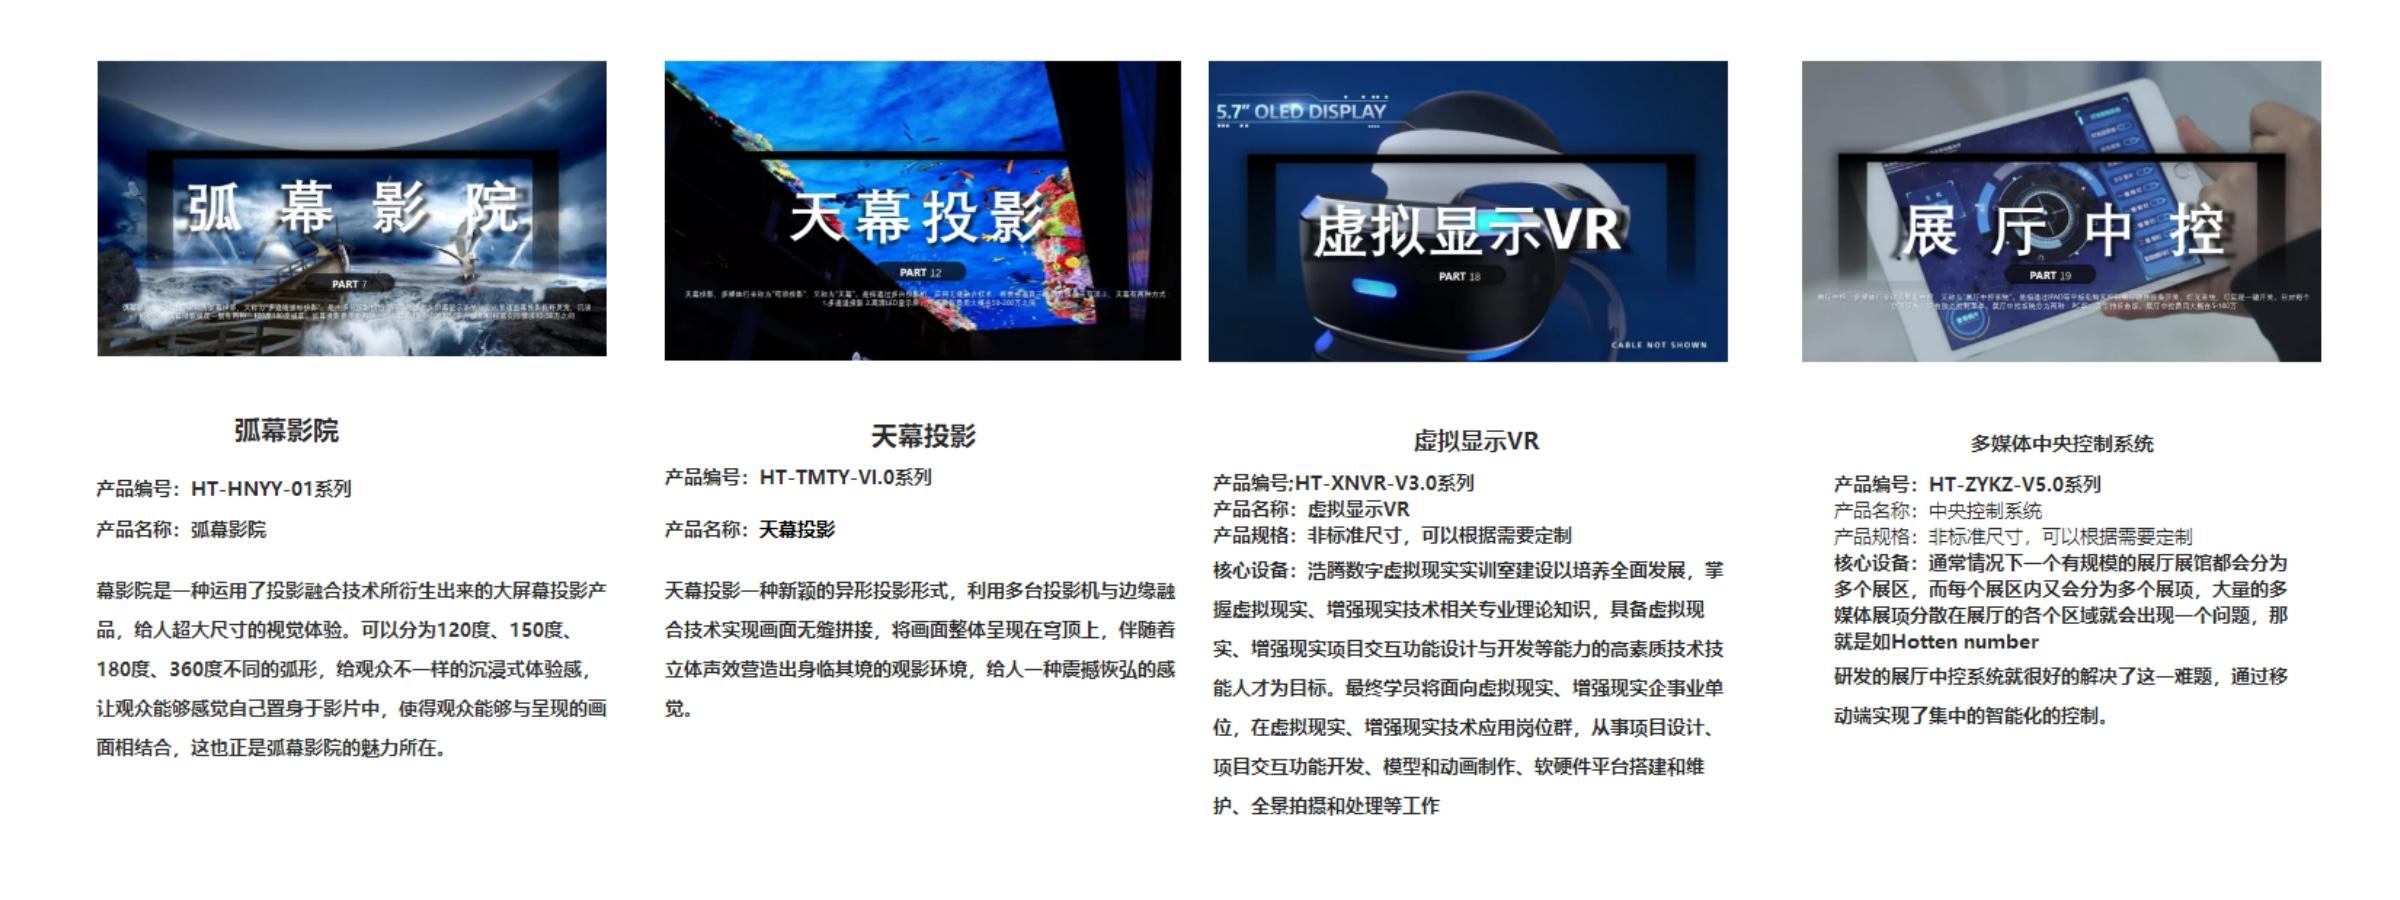 投影工程、弧幕影院、天幕投影、虚拟现实、多媒体展厅中控